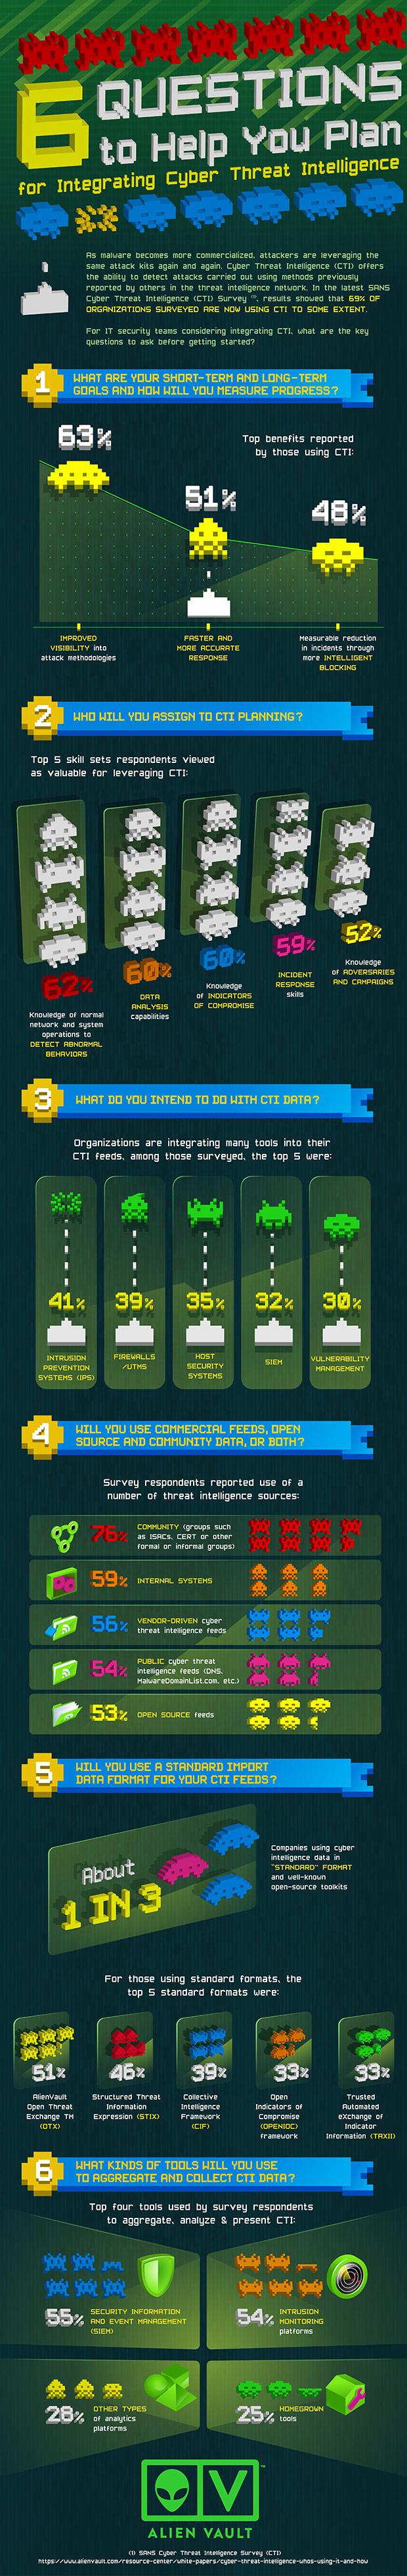 SANS Cyber Threat Intelligence Survey